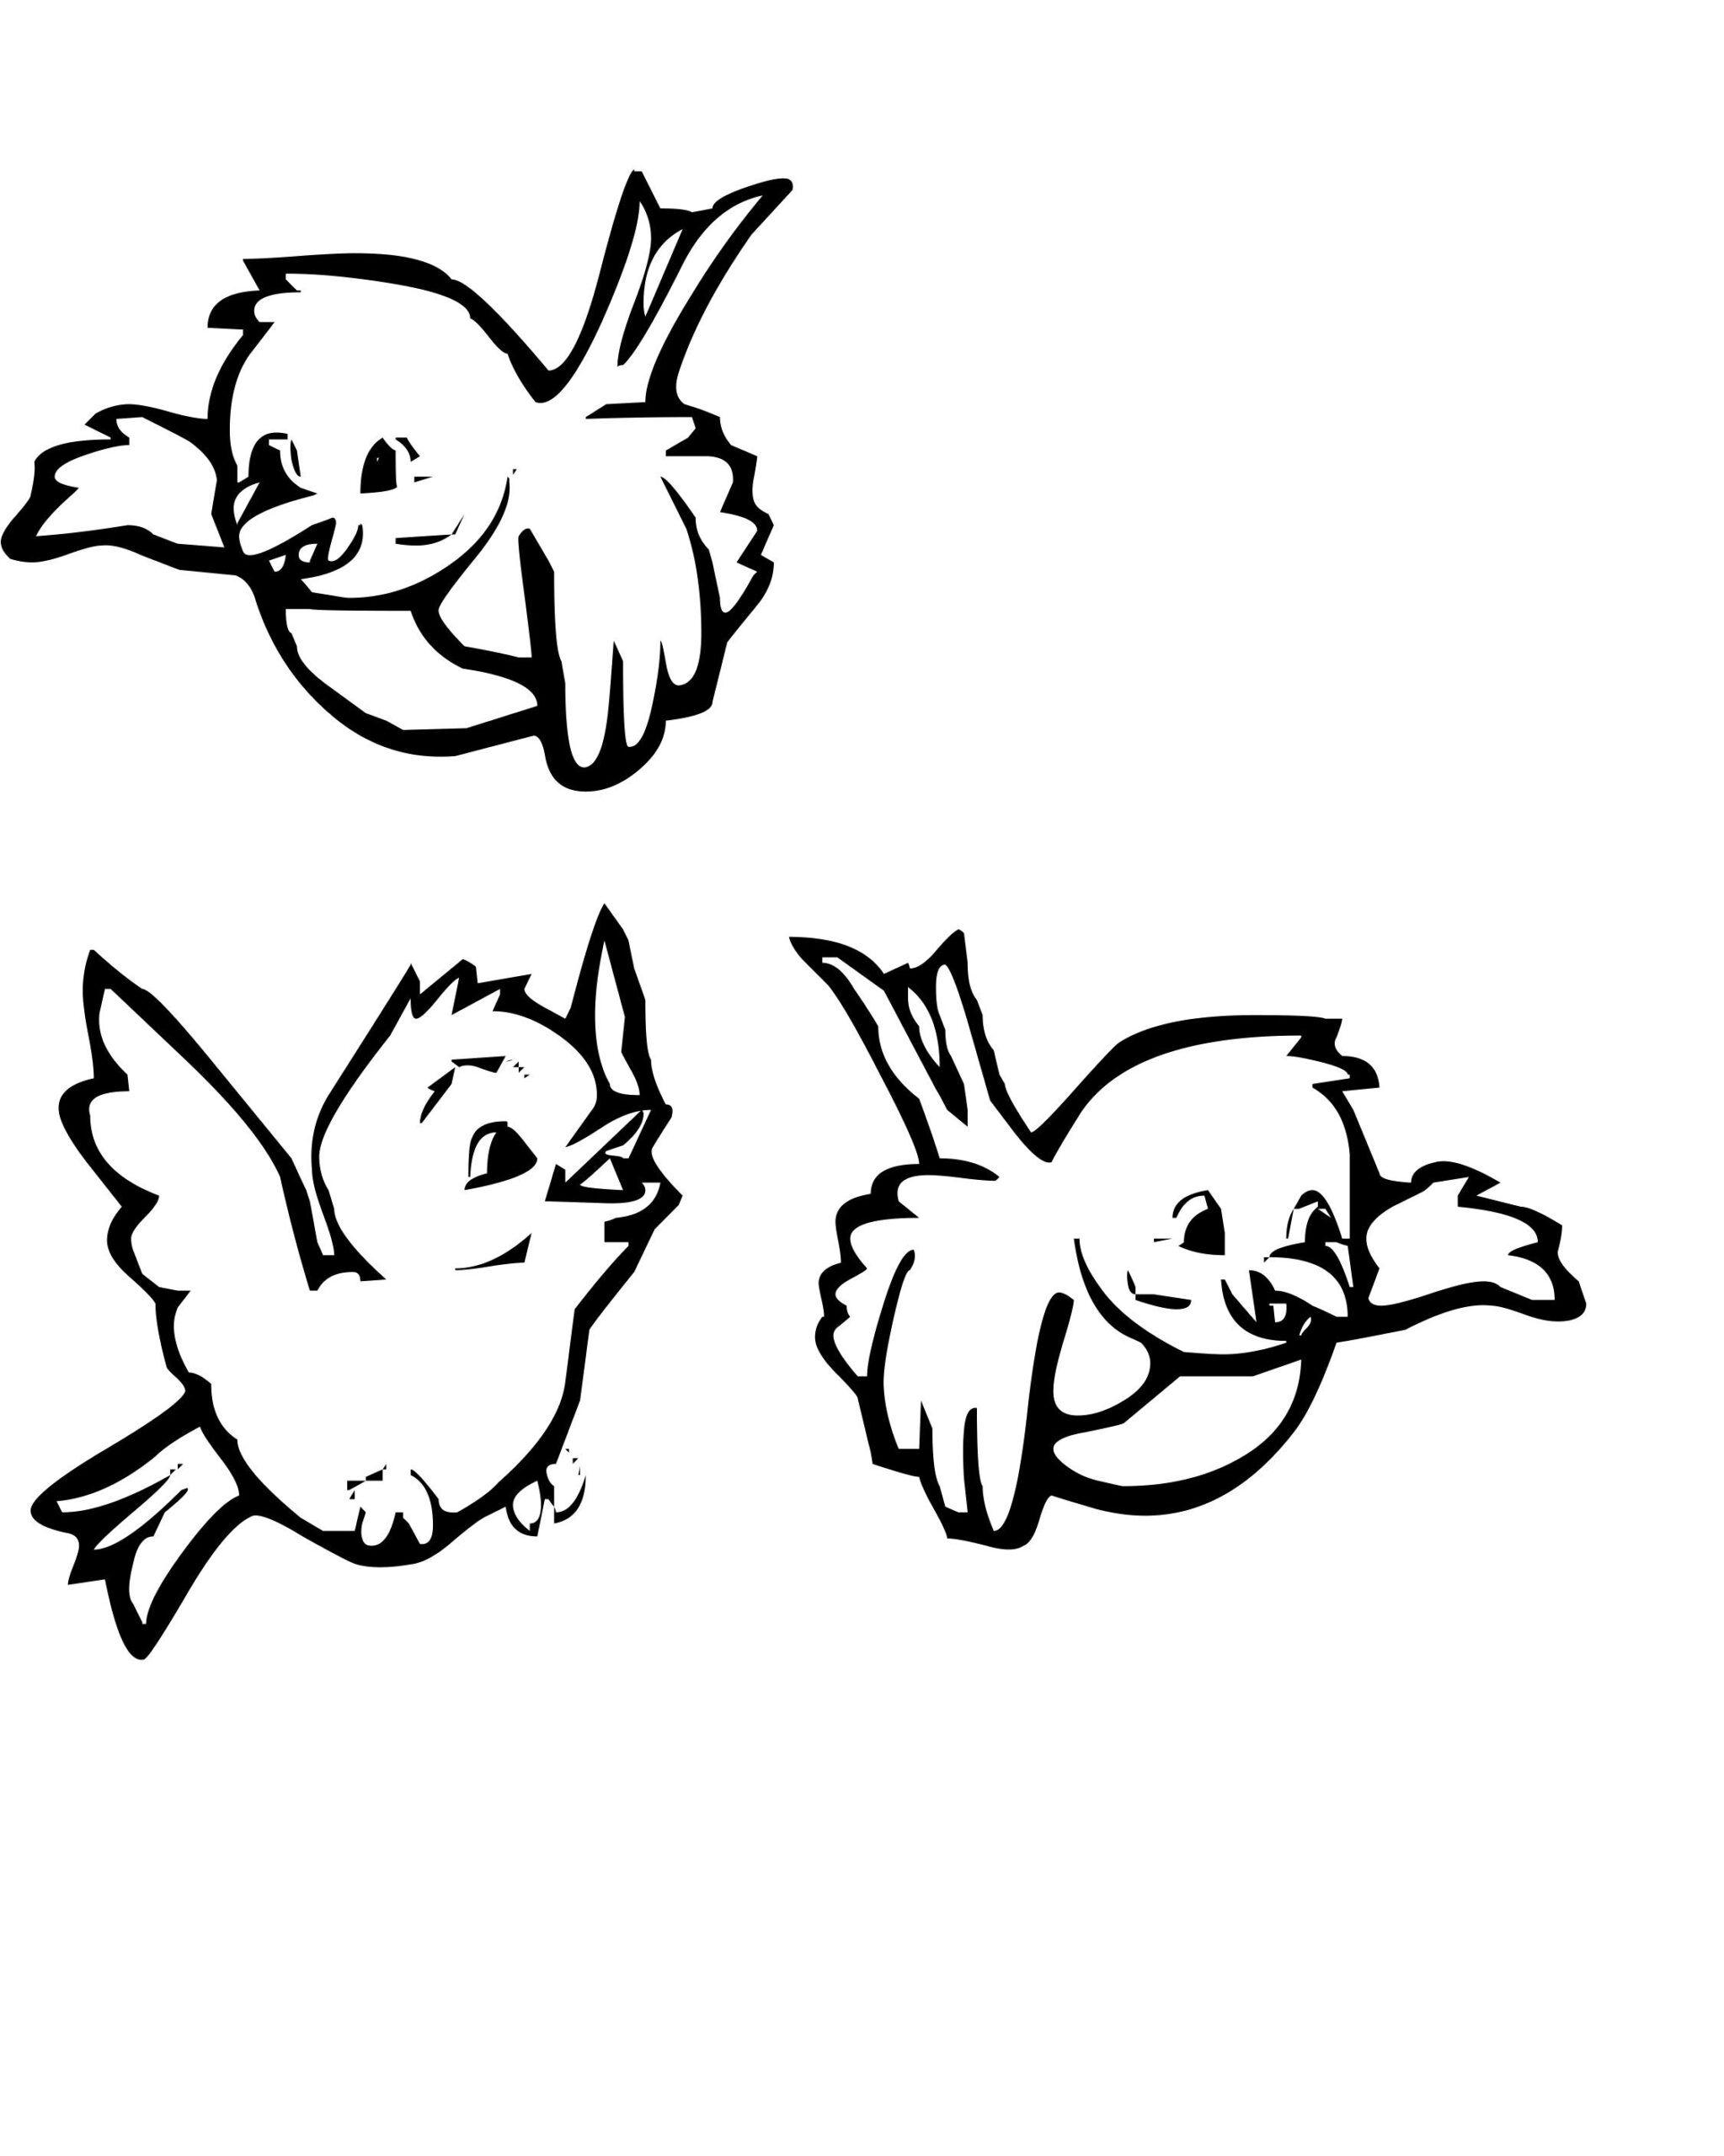 Tranh tô màu ba chú chim